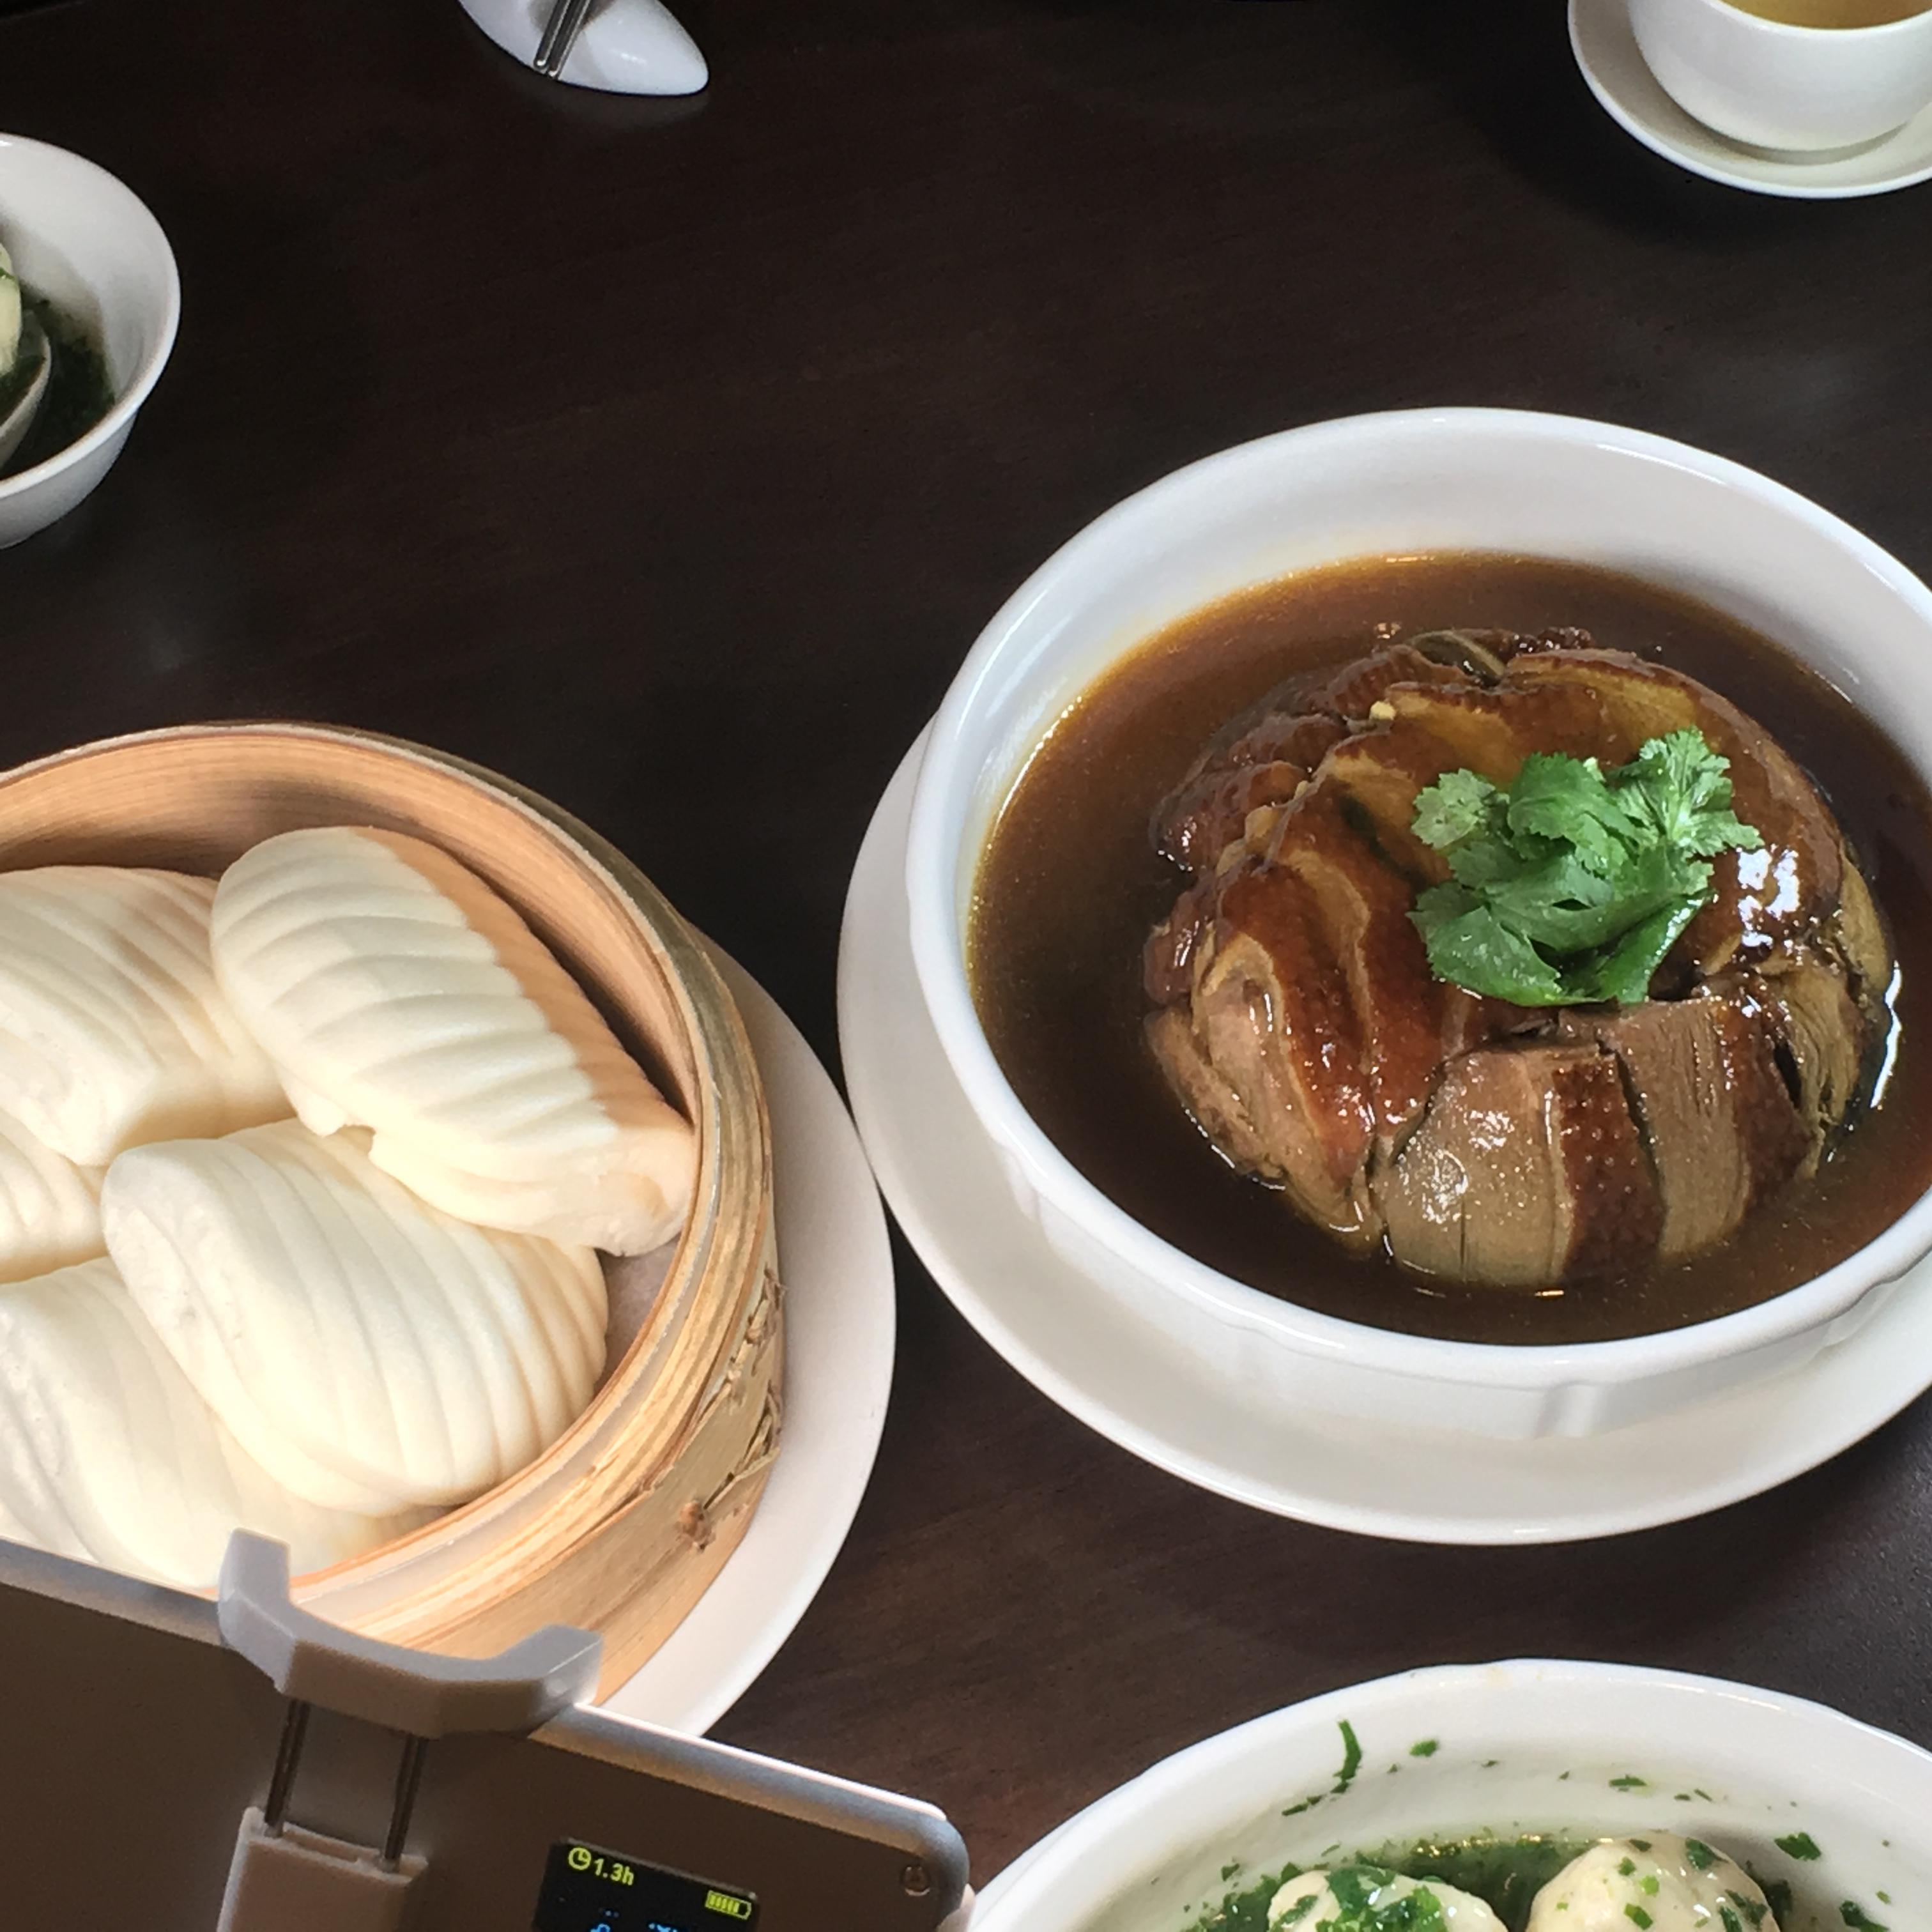 點水樓:梅干菜扣鴨